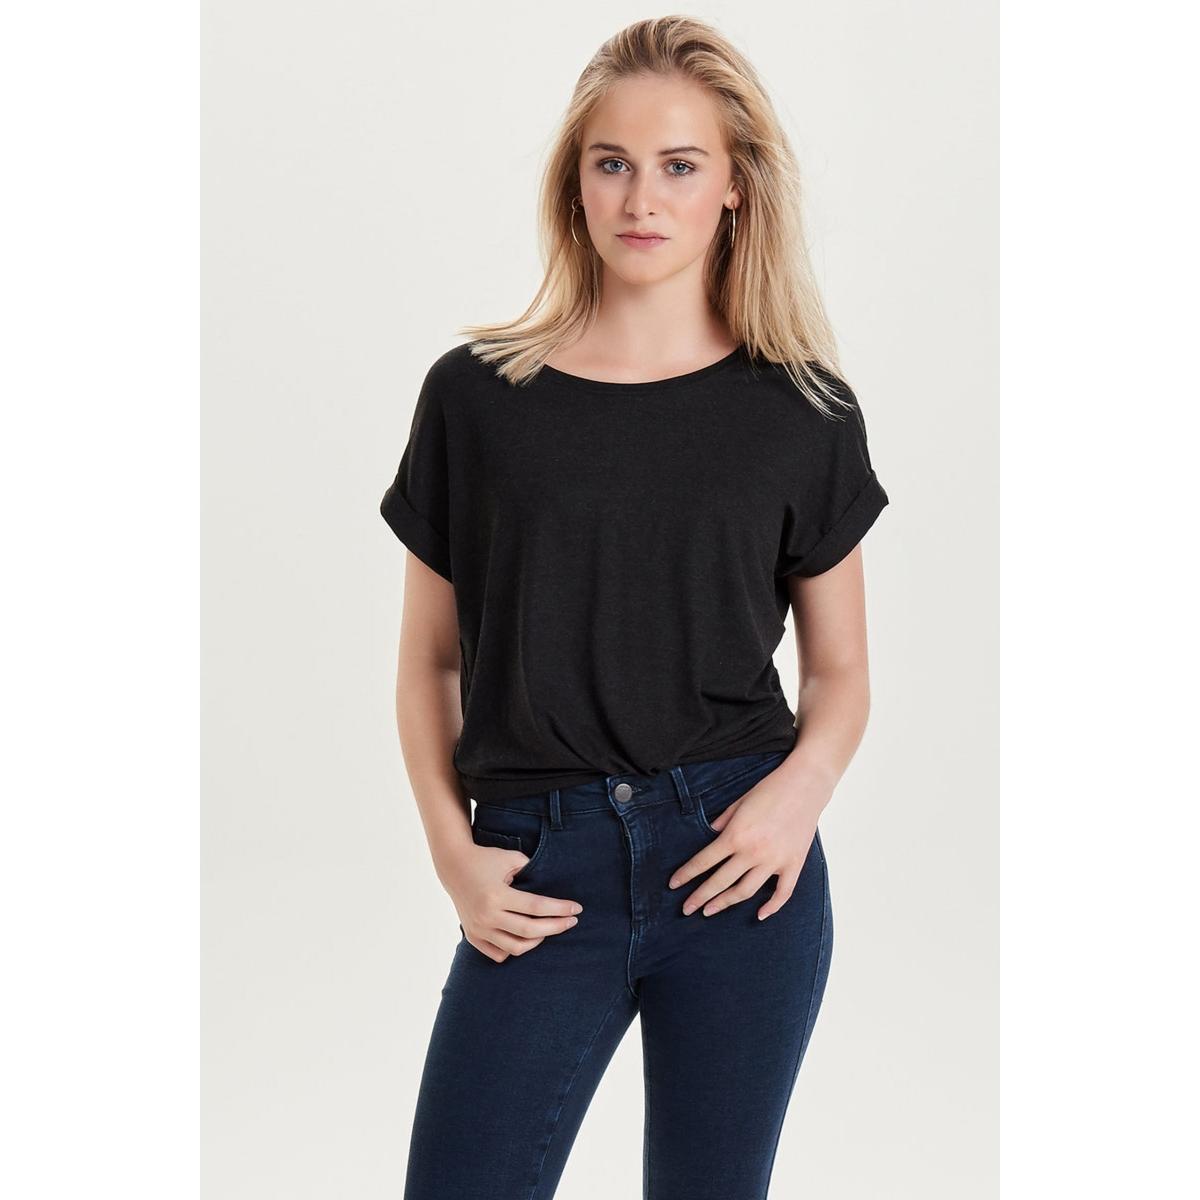 onlmoster s/s o-neck top noos jrs 15106662 only t-shirt black/melange